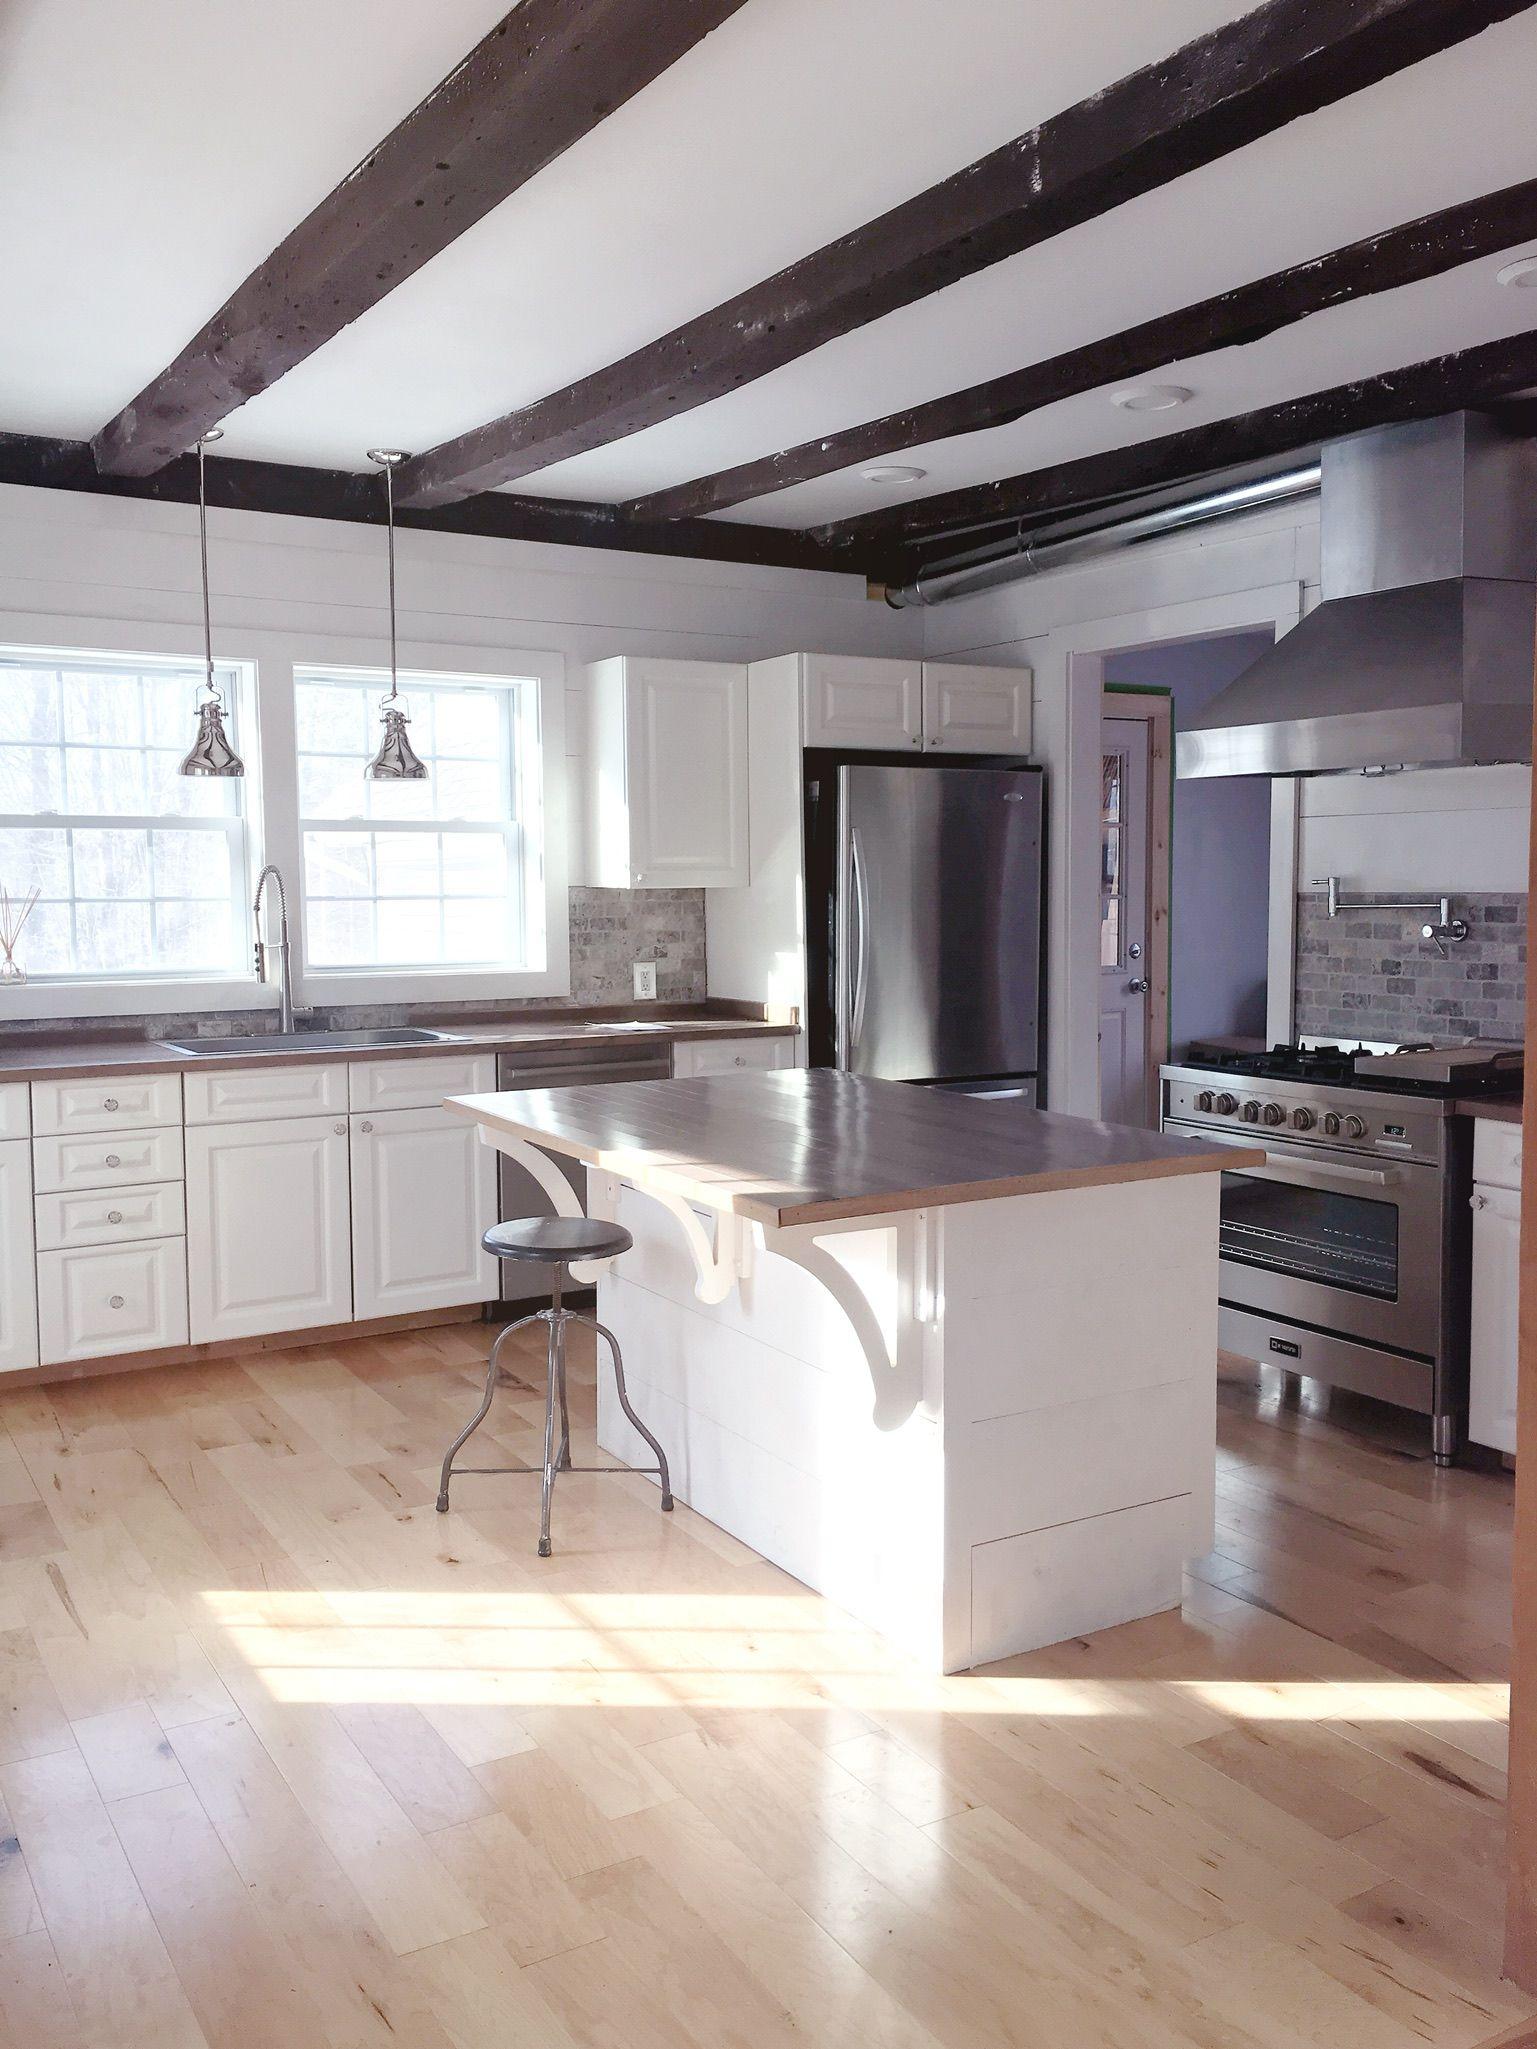 Our 1900's Farmhouse Kitchen Renovation | Kitchen ...